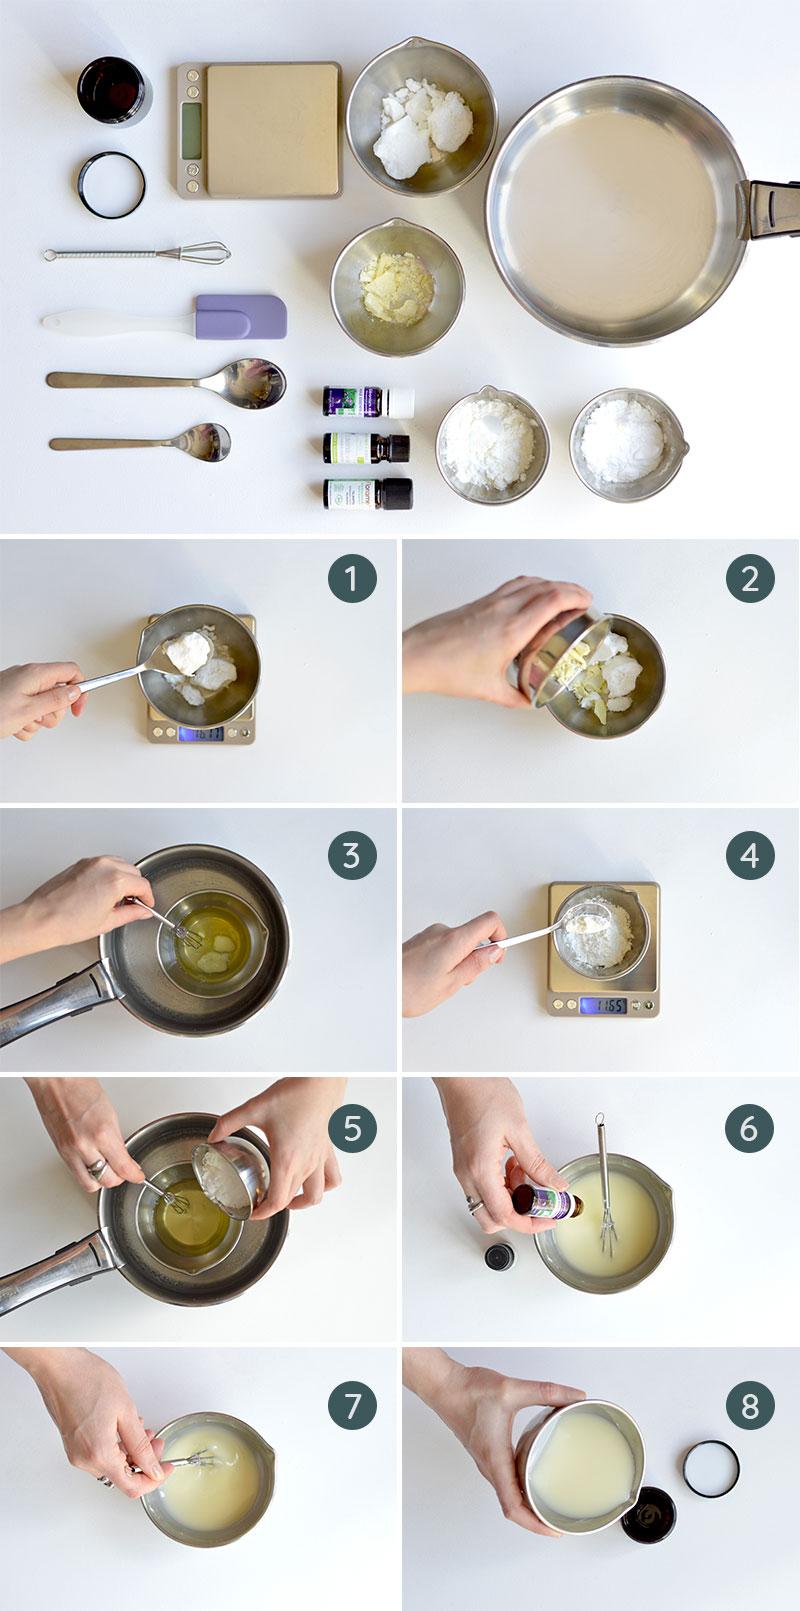 Ceci est une image représentant les différentes étapes de fabrication d'un déodorant crème home made.